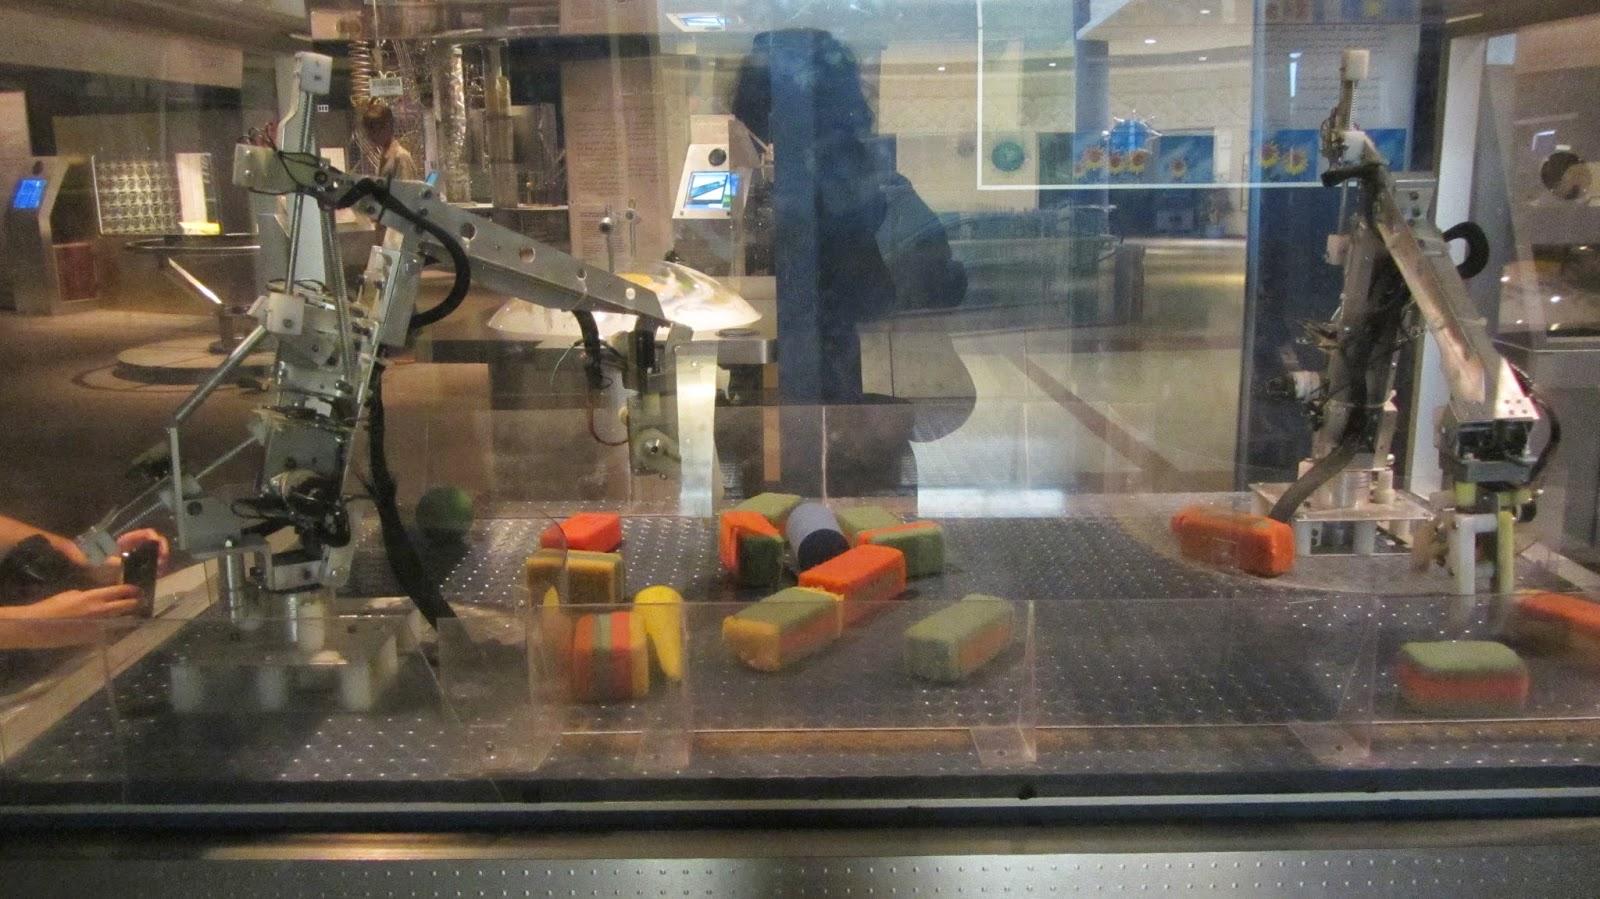 Scitech Saudi Arabia Al-Khobar robotic arm blog